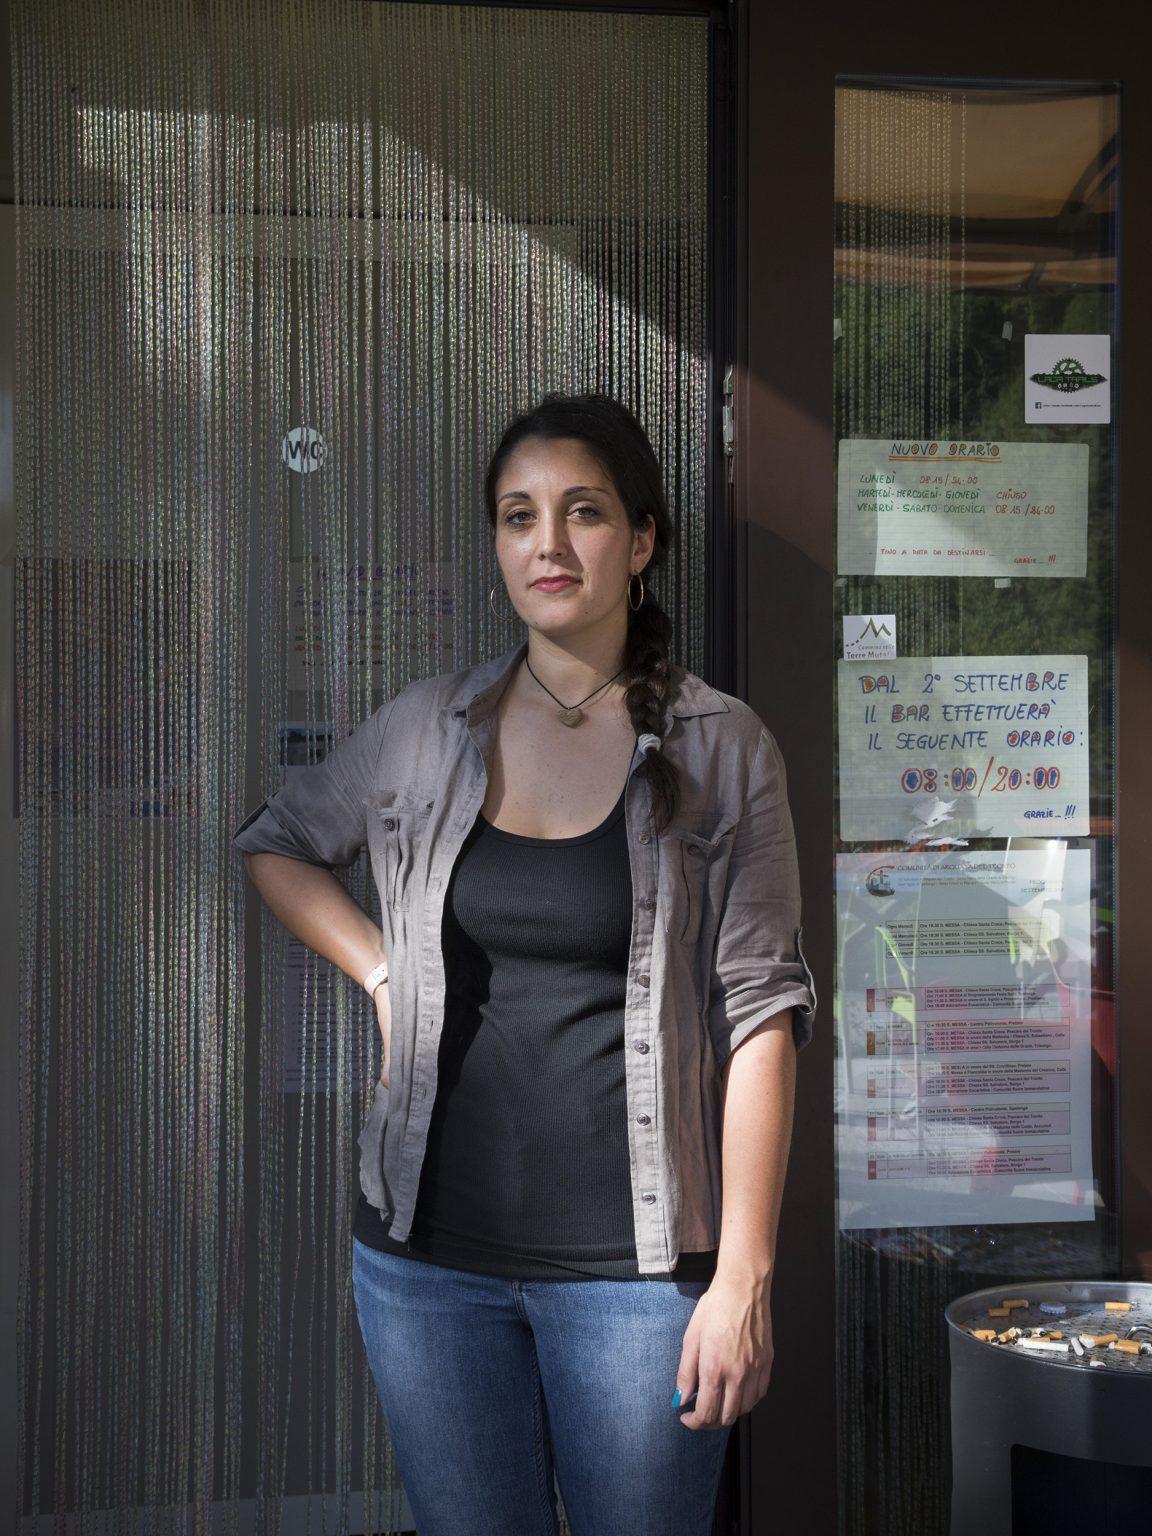 Margherita Melchiorre Margherita lavora come barista al villaggio temporaneo di Pedilama, frazione di Arquata del Tronto. Qui ha tutta la sua vita e i suoi amici, non vorrebbe lasciare il paese.